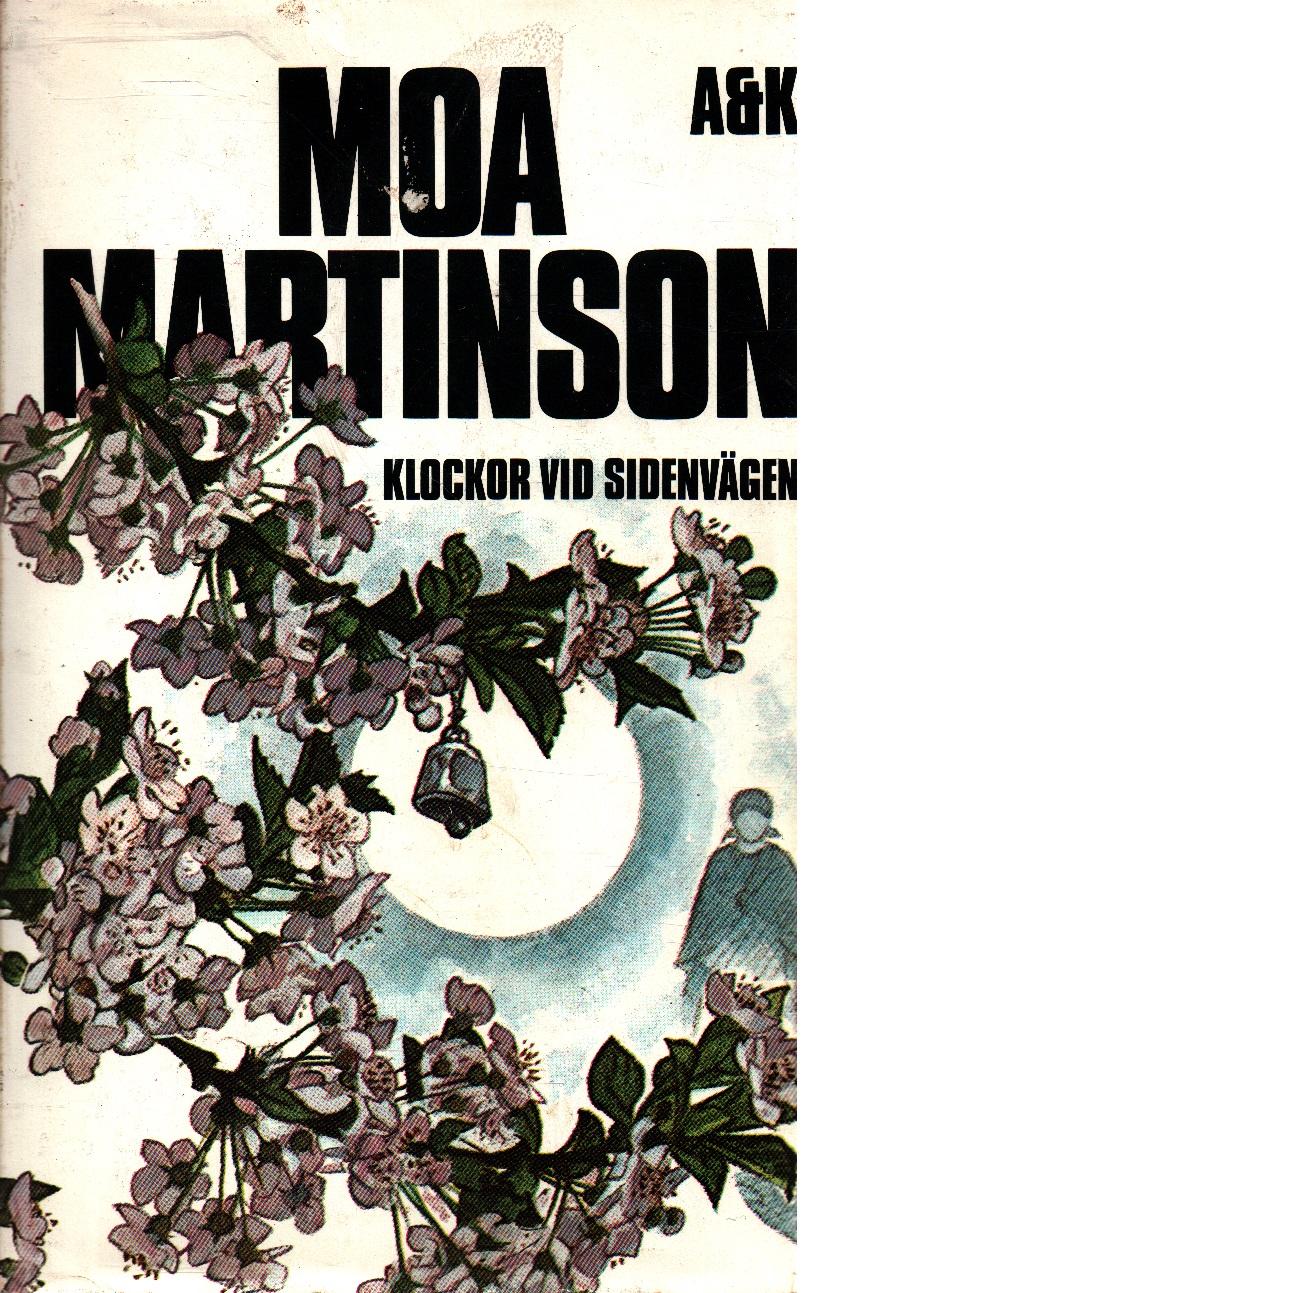 Klockor vid Sidenvägen - Martinson, Moa